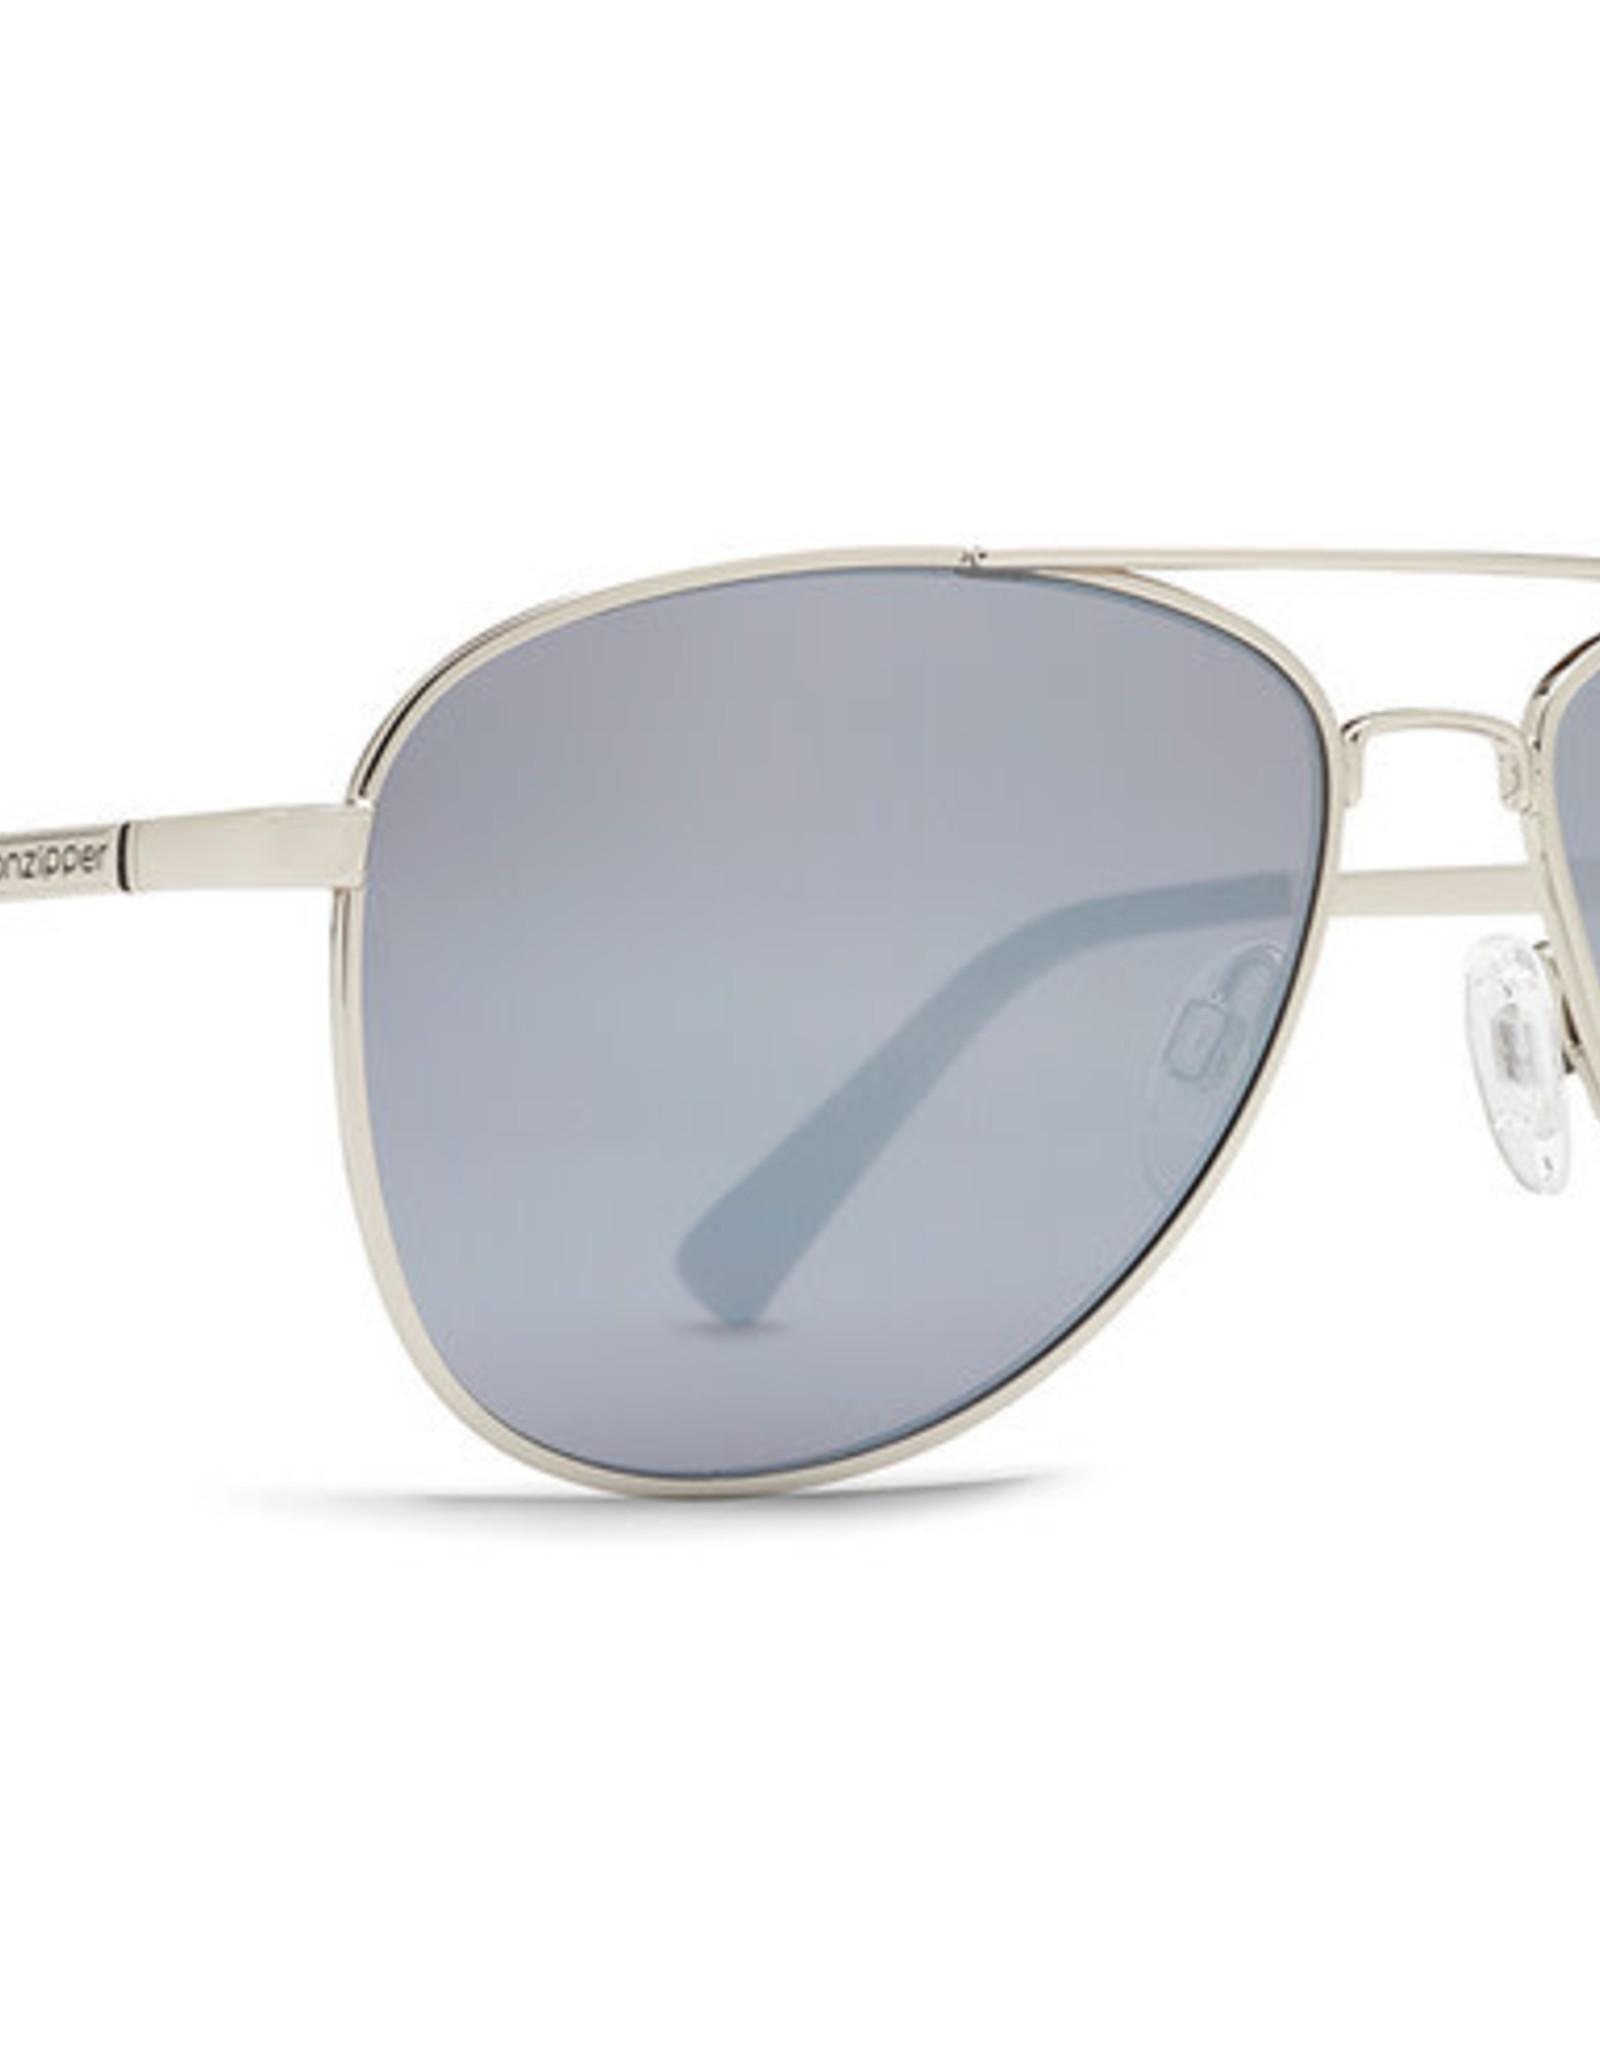 Von Zipper VZ - STATEY - Silver w/ Grey Chrome